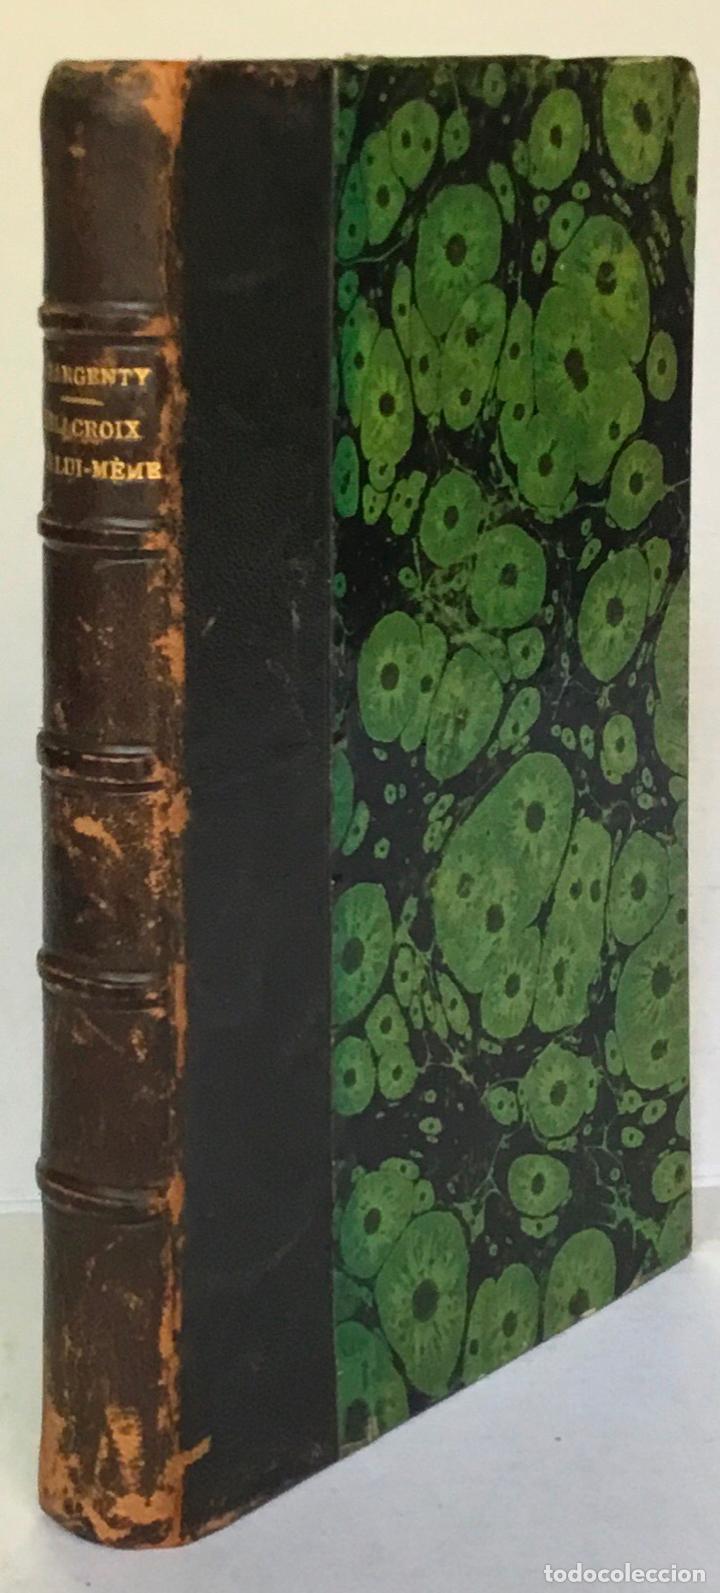 EUGÈNE DELACROIX PAR LUI-MÊME. - DARGENTY, G. (Libros Antiguos, Raros y Curiosos - Bellas artes, ocio y coleccionismo - Otros)